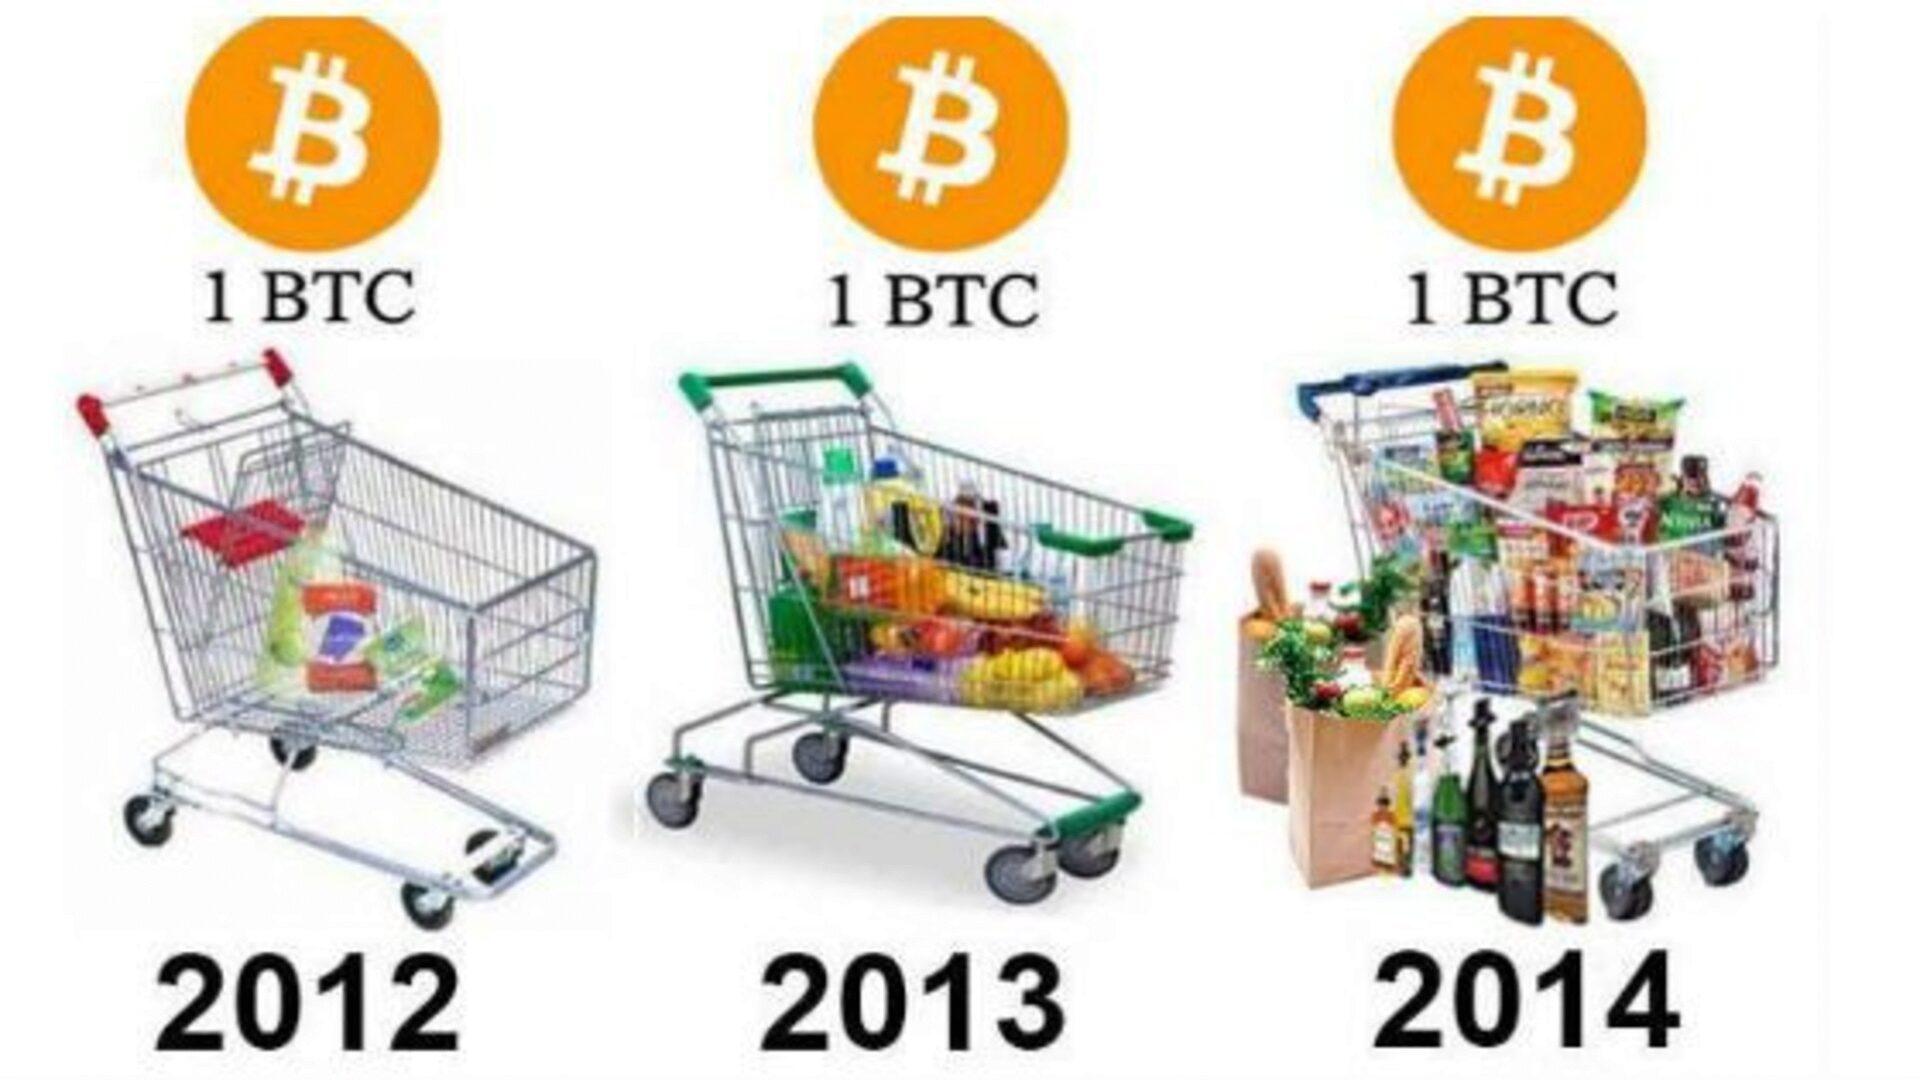 Покупательная способность биткоина растет